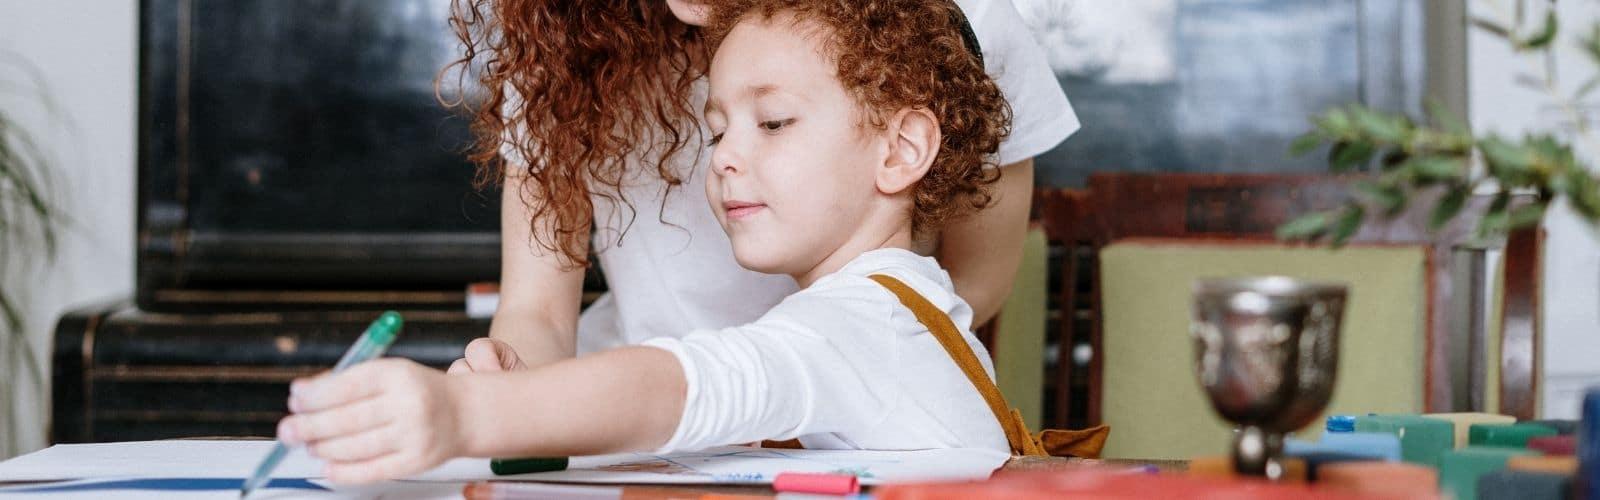 L'aide aux devoirs : nos conseils pour un accompagnement sans faille !